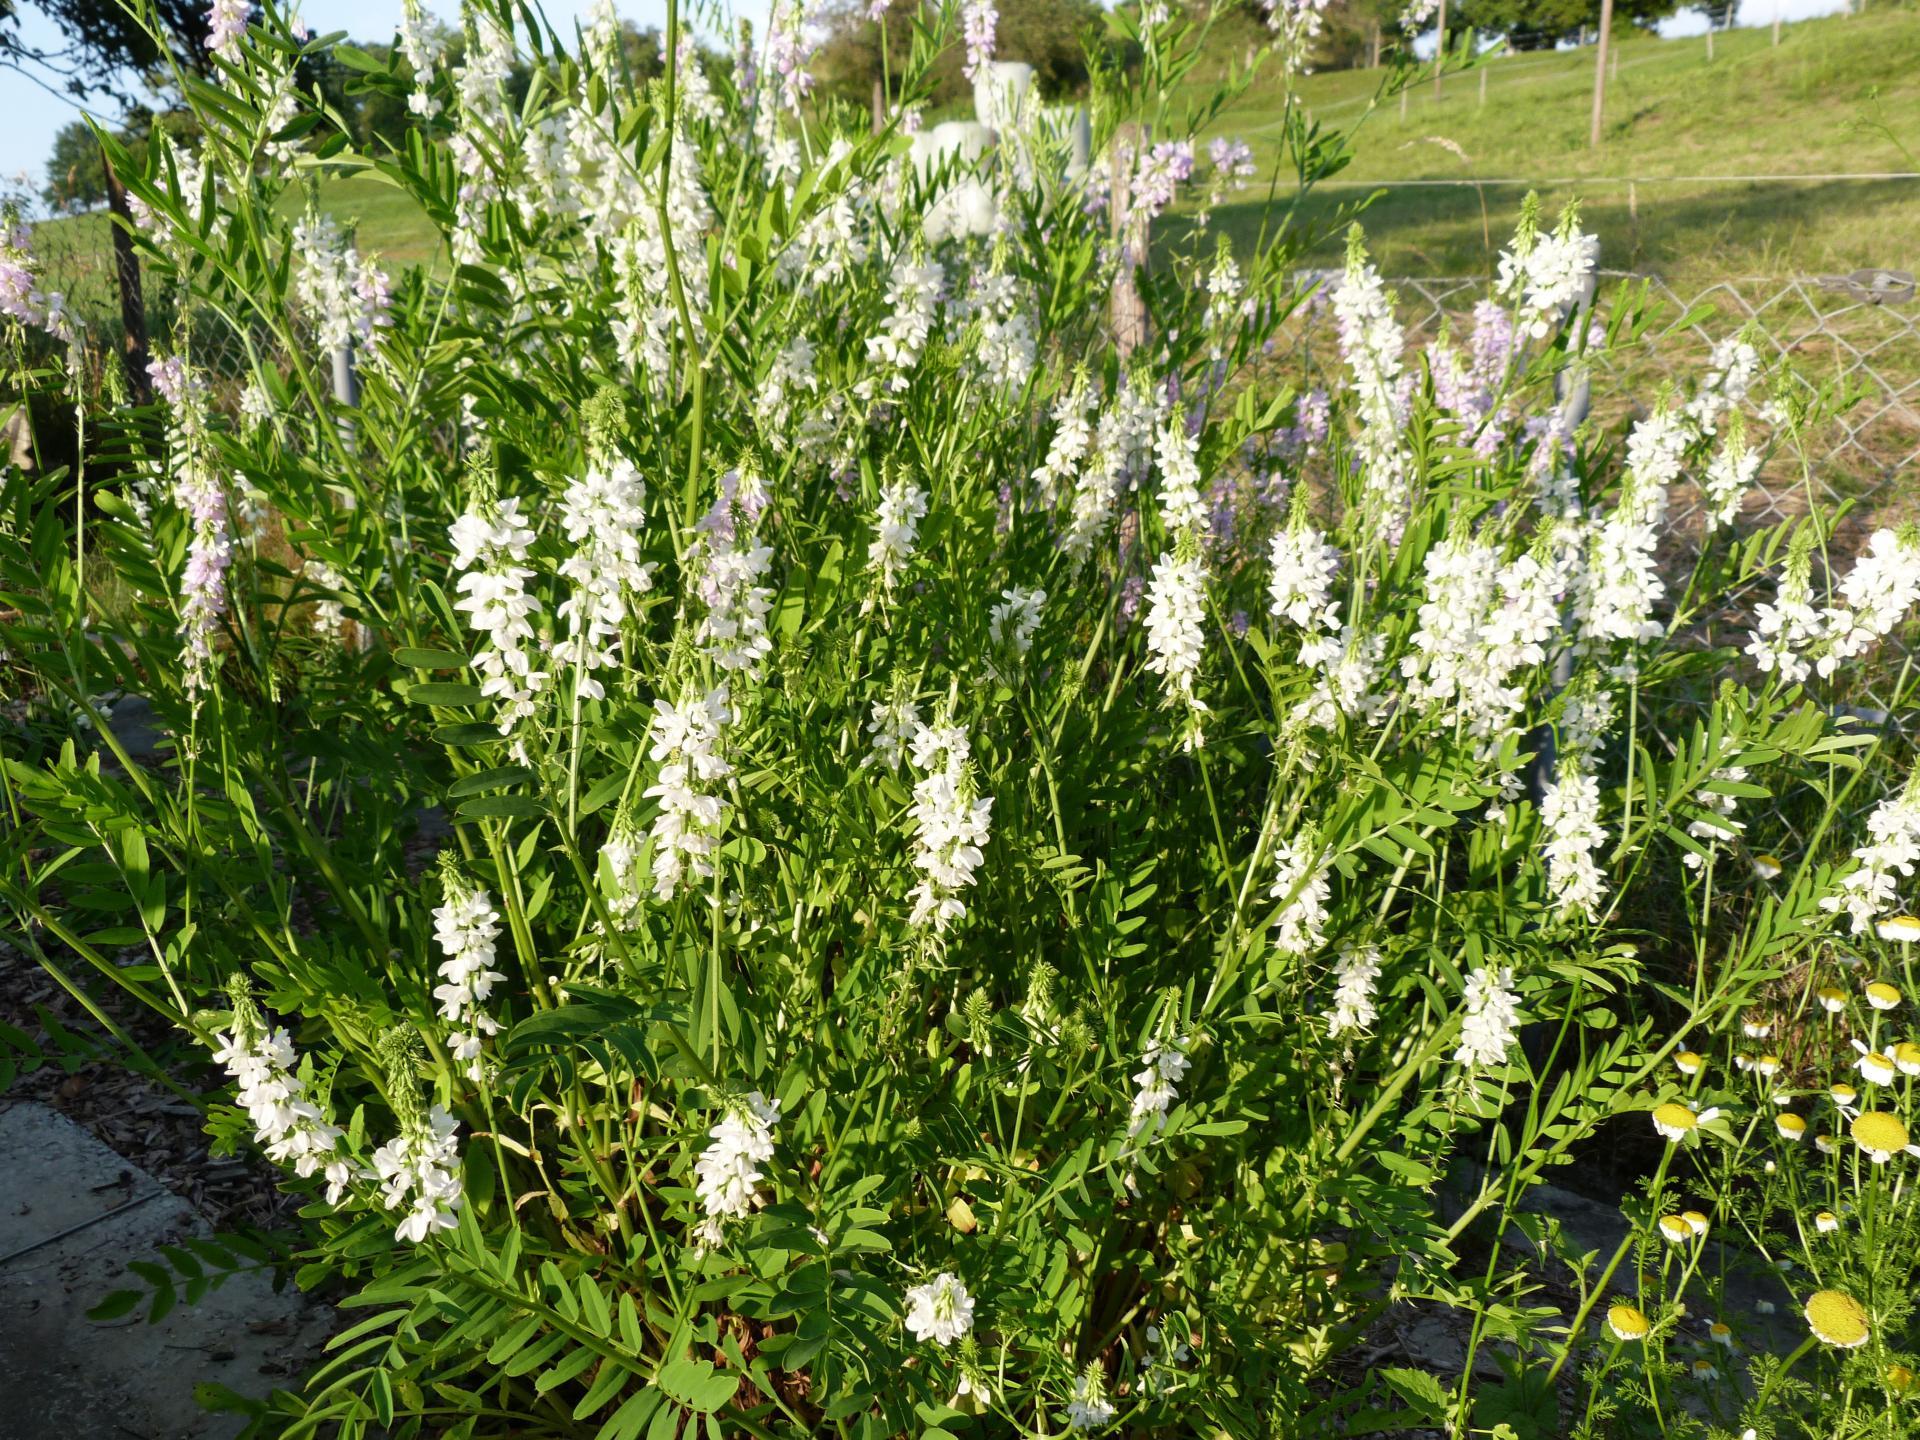 Jardinles especes galega 20